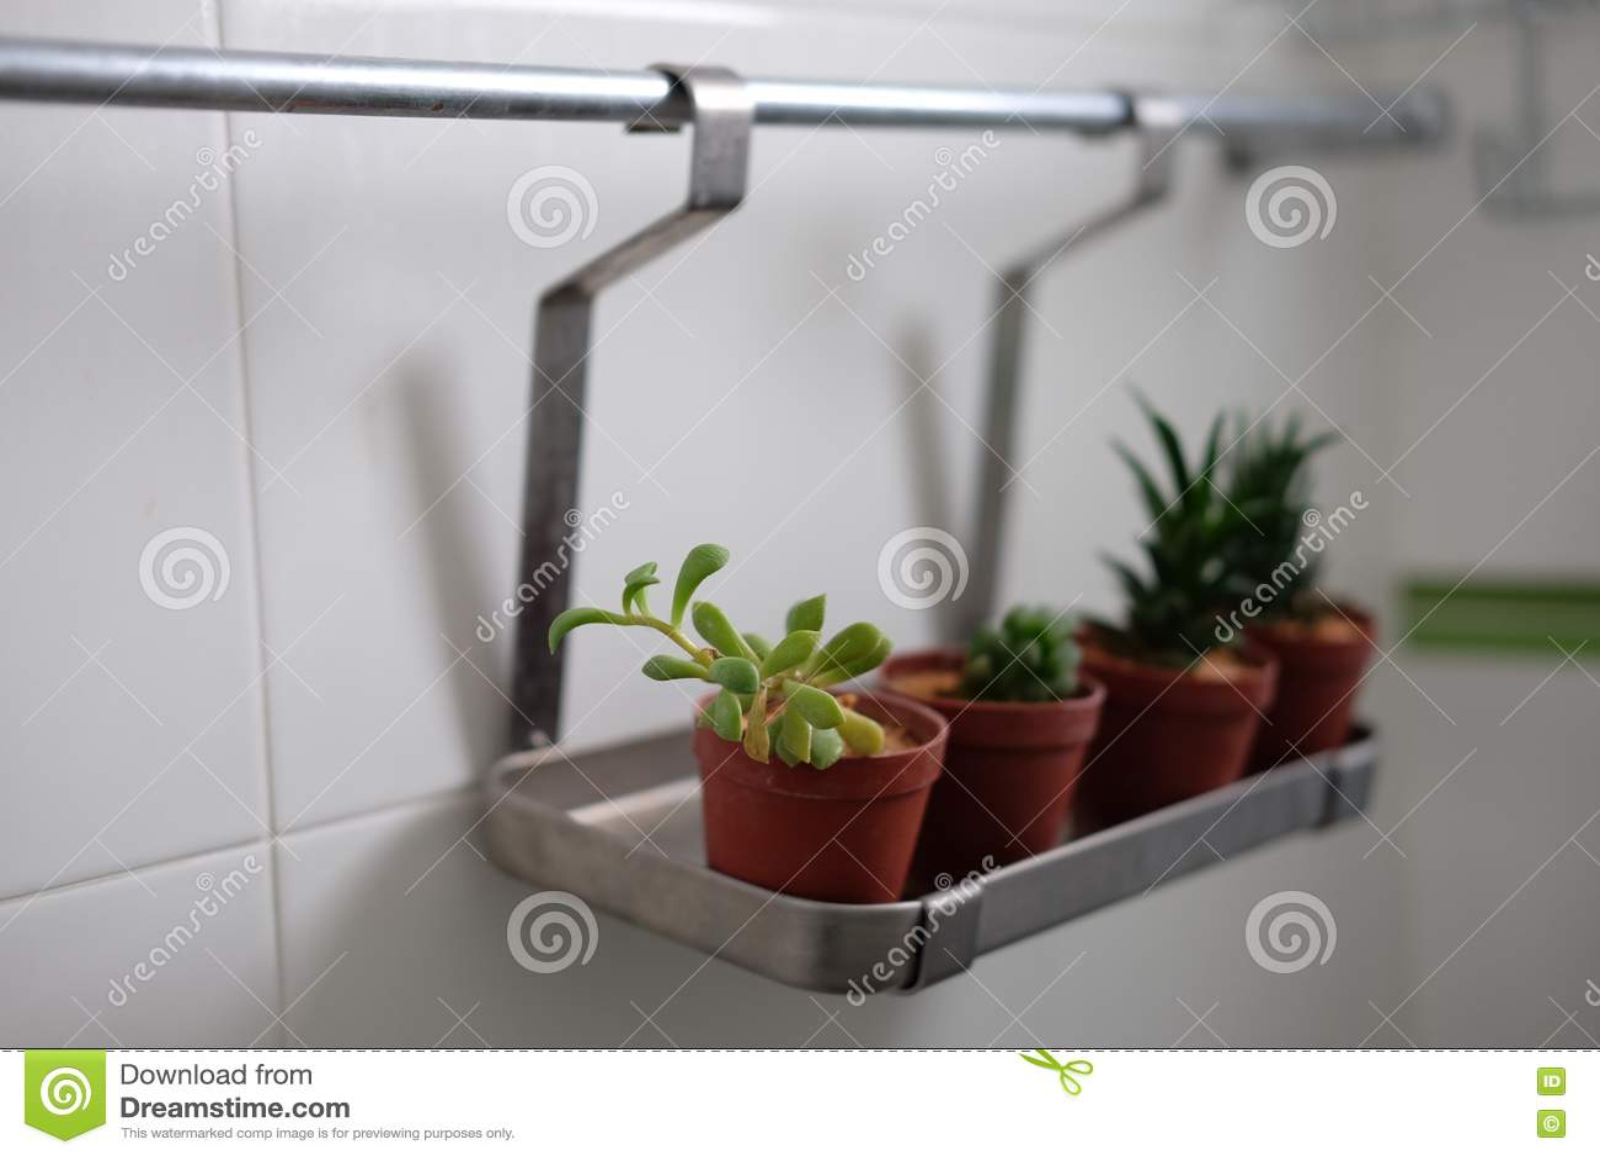 Kaktus im Badezimmer stockbild. Bild von dekoration, raum   20